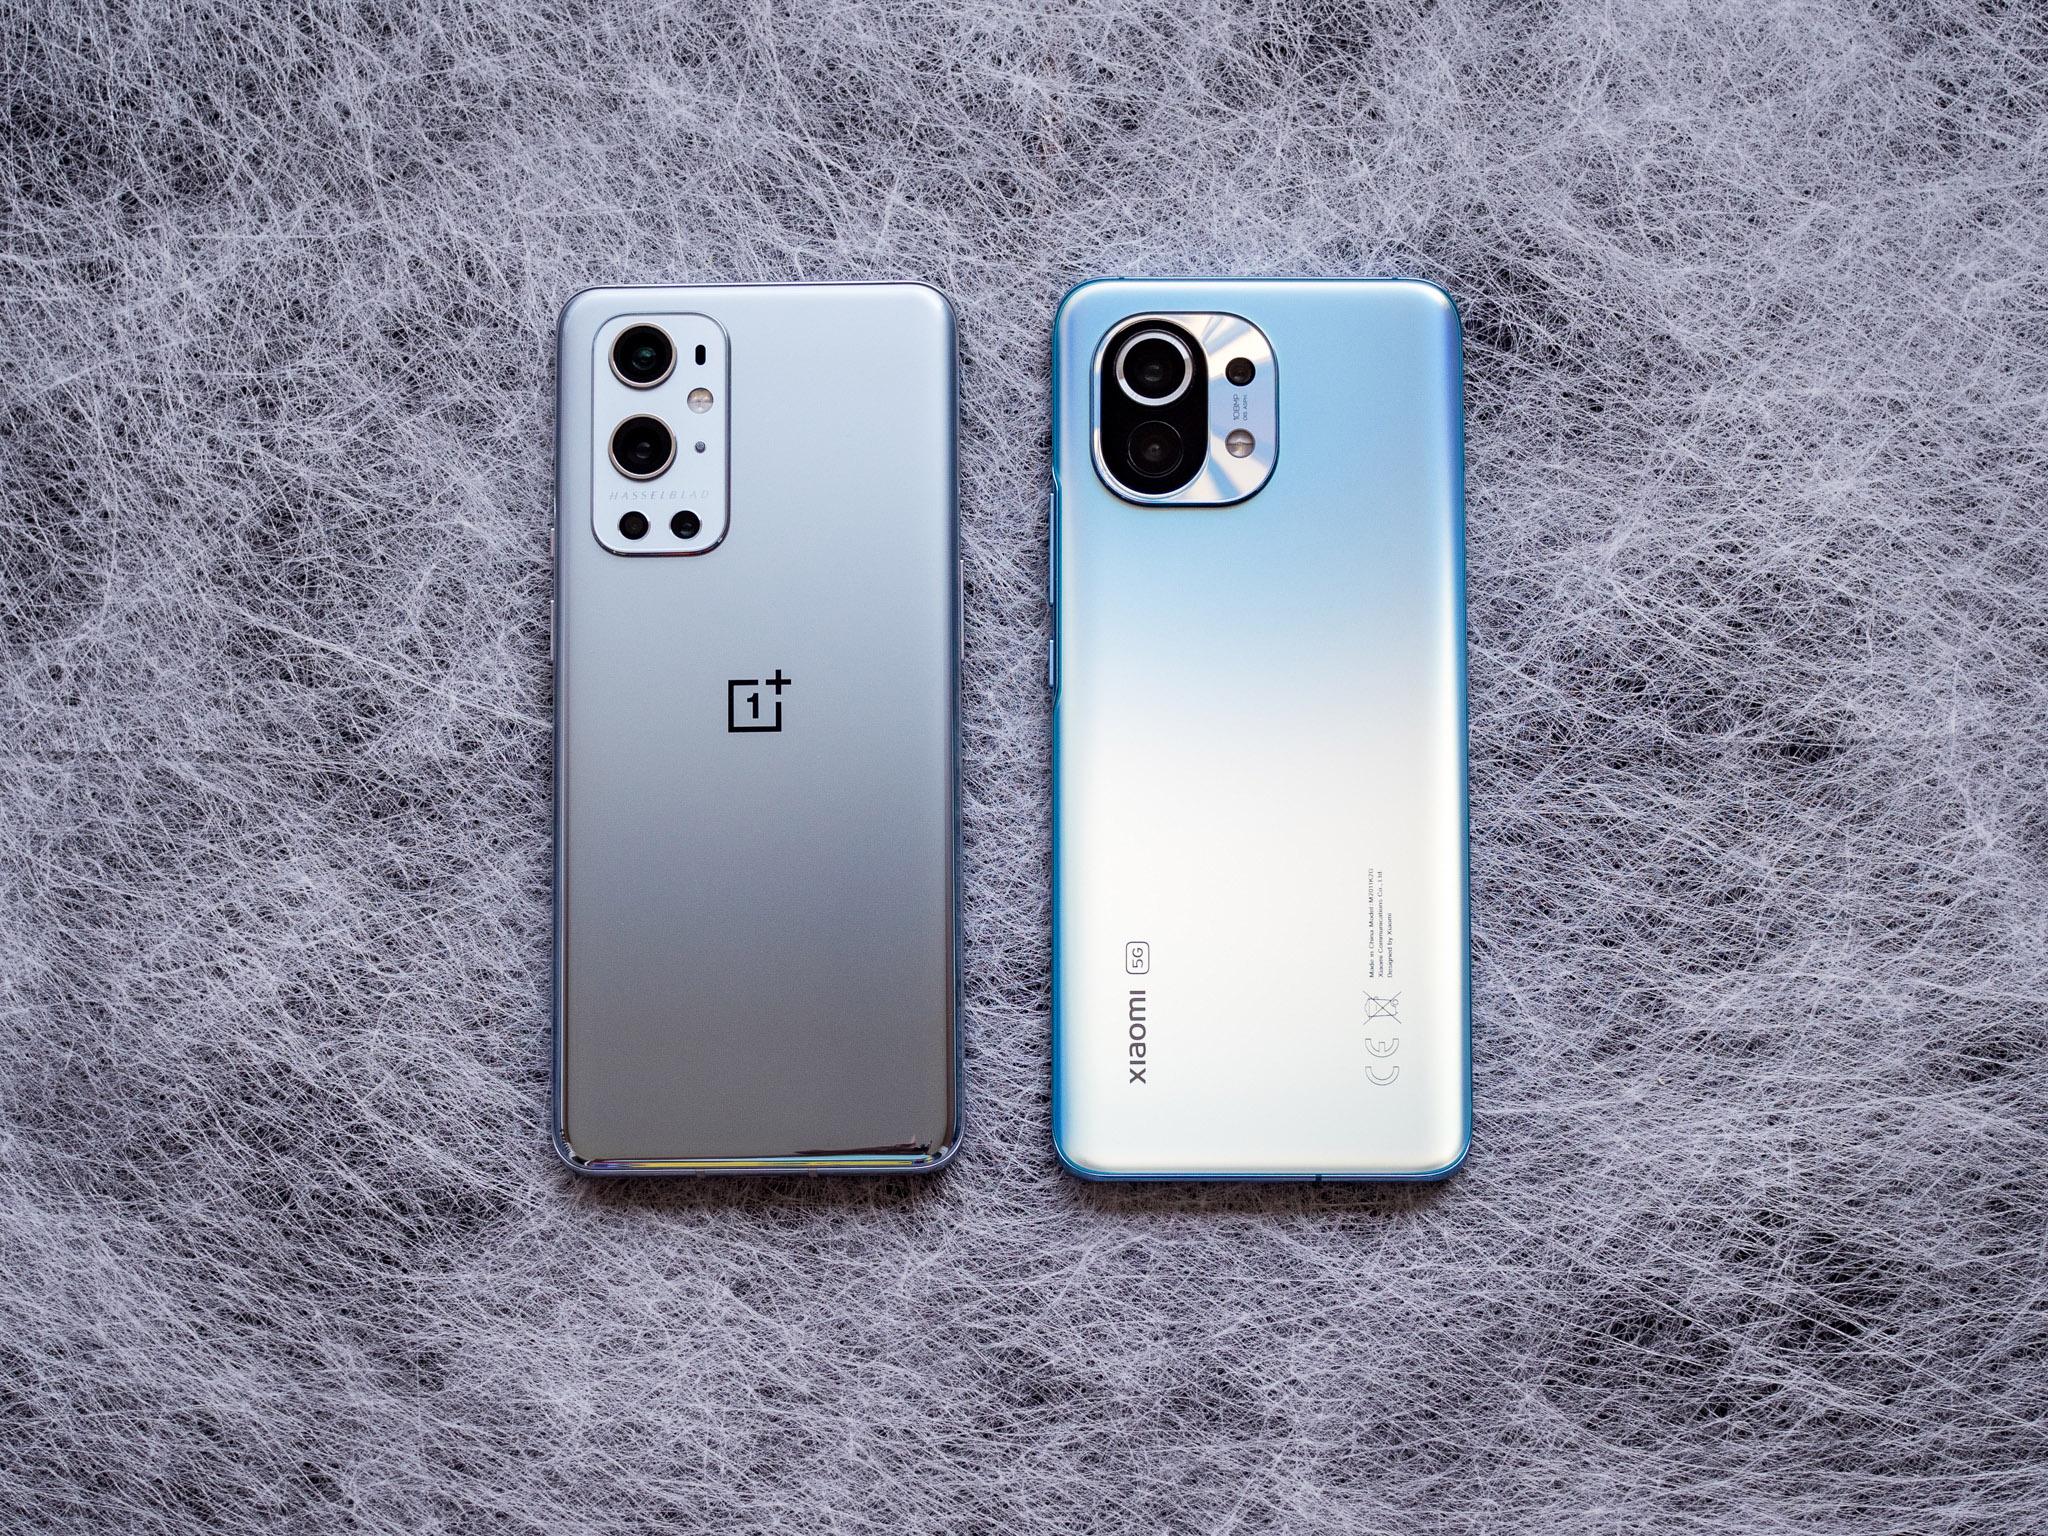 Sforum - Trang thông tin công nghệ mới nhất oneplus-9-pro-41 Cận cảnh OnePlus 9 Pro: Thiết kế vẫn đậm chất OnePlus, camera Hasselblad, hiệu năng top 1 phân khúc, giá 1069 USD